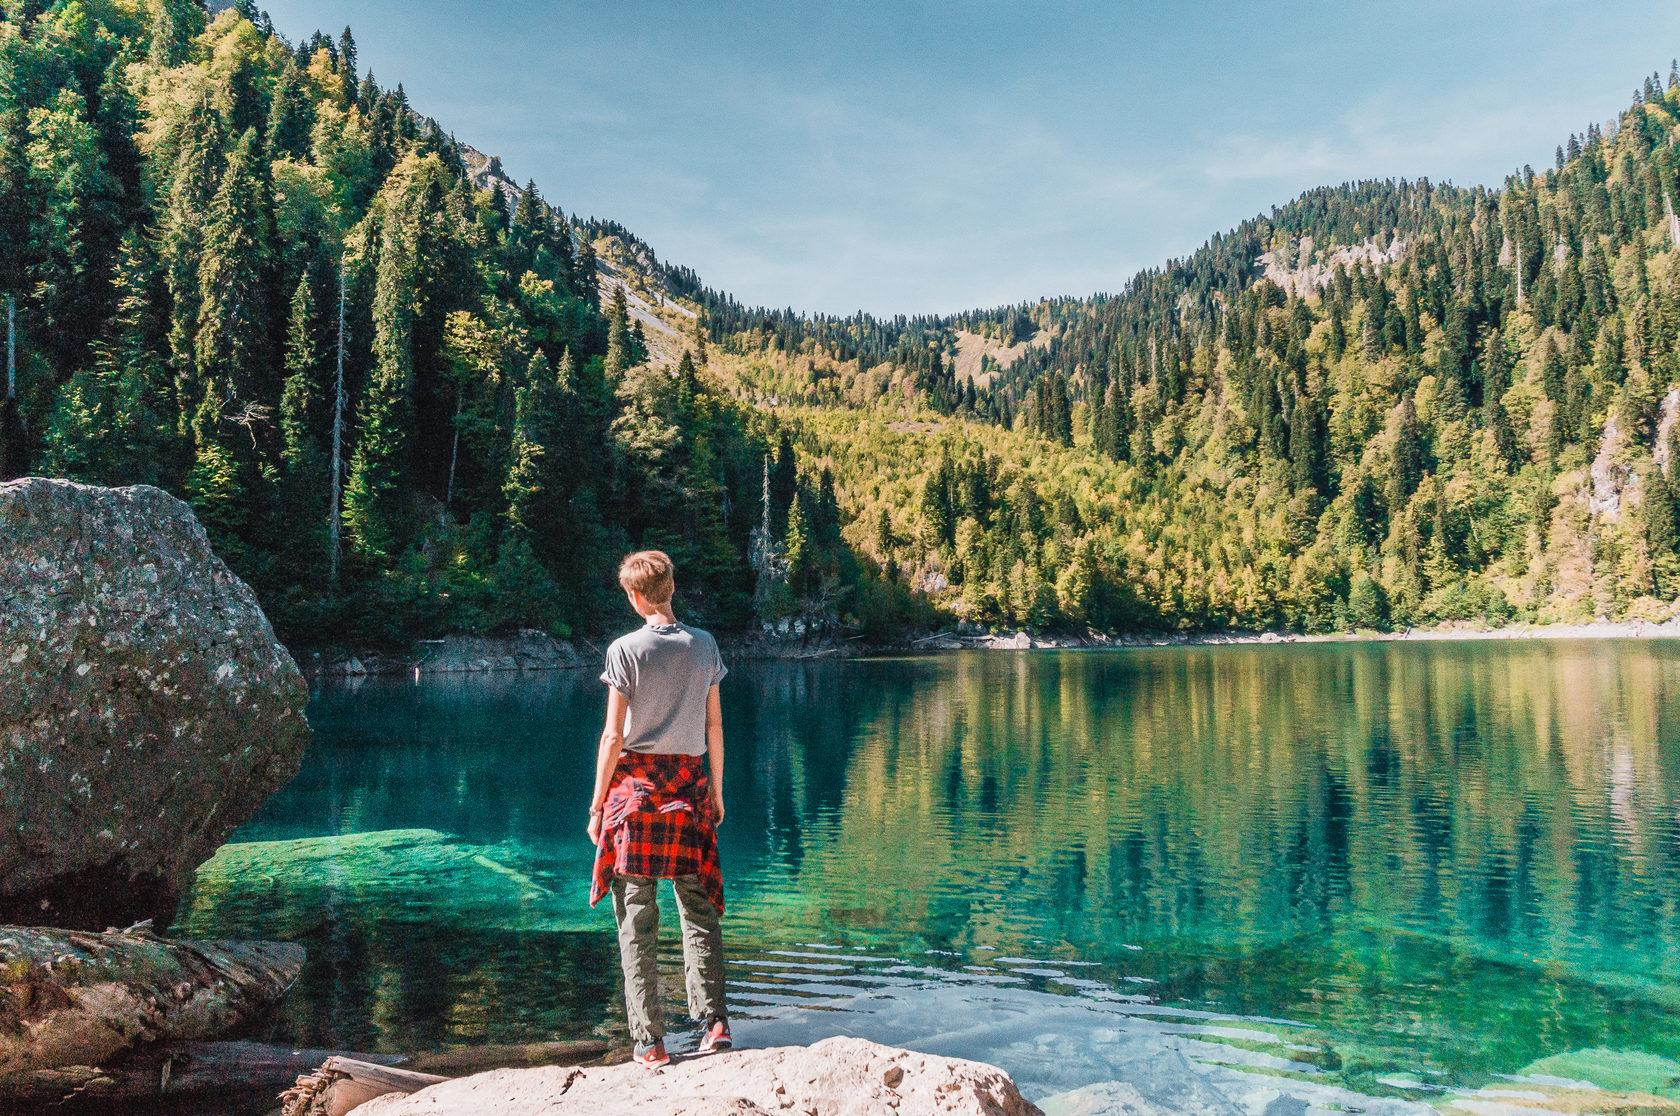 Самые популярные туристические направления россиян в первой половине 2019 года